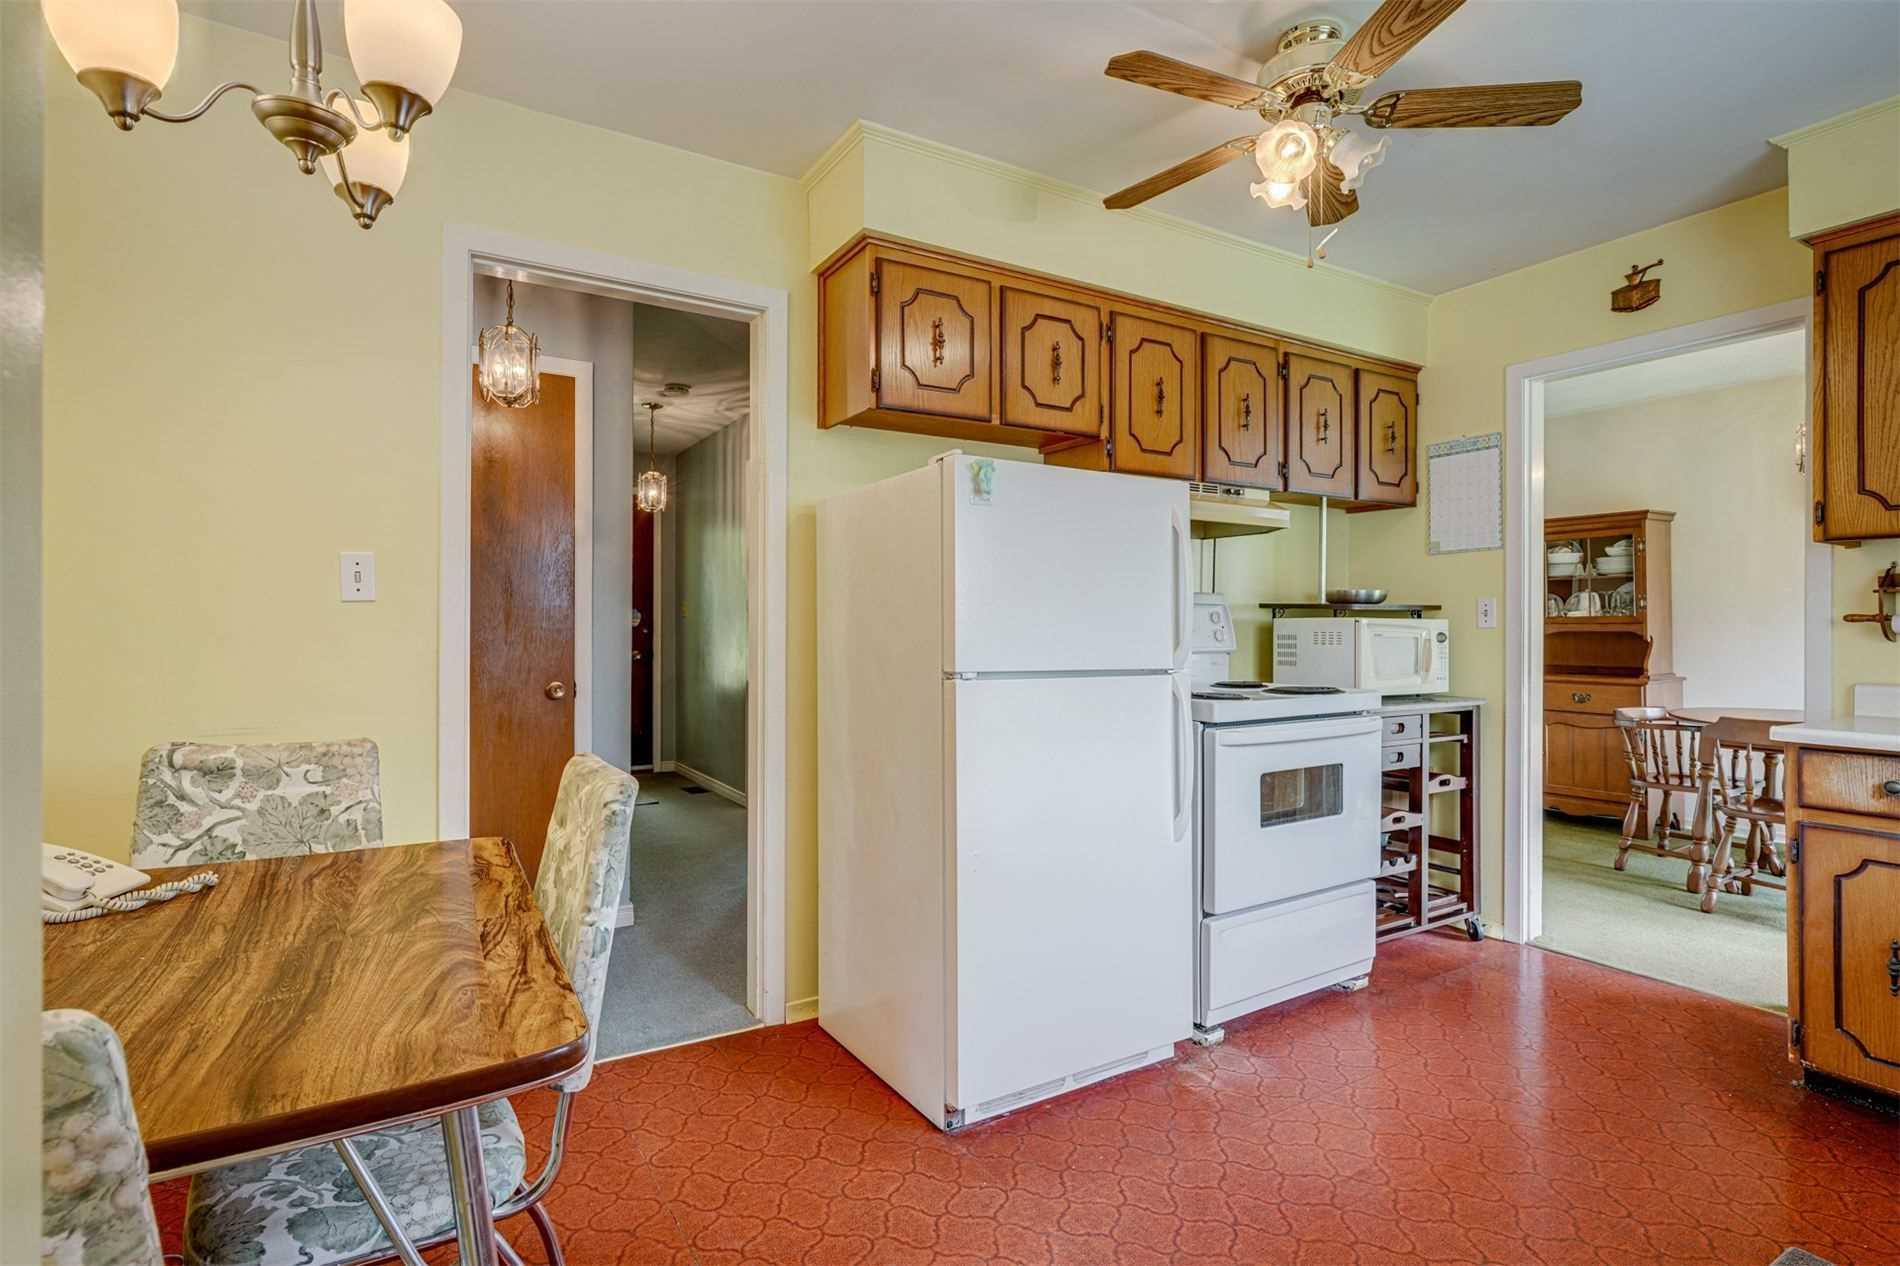 4189 Brock Rd - Uxbridge Detached for sale, 3 Bedrooms (N5311768) - #17